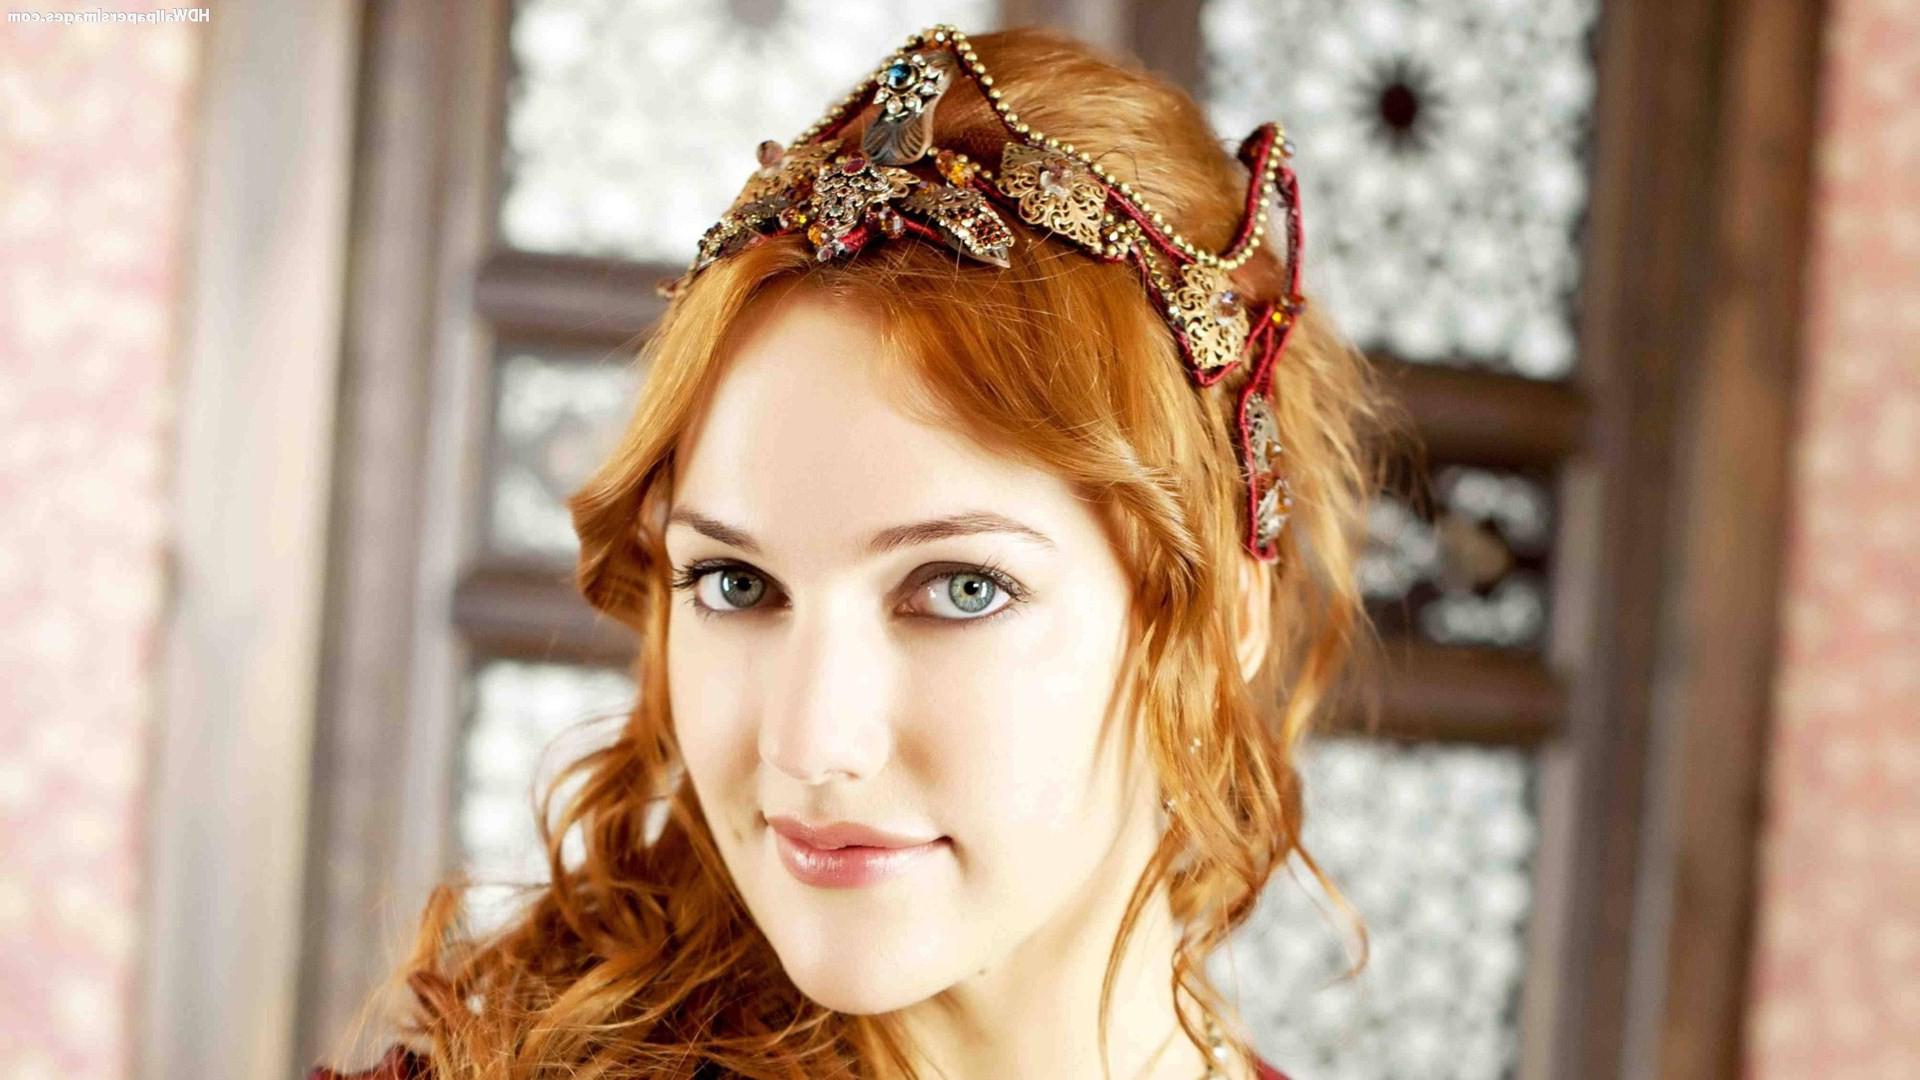 بالصور جميلات تركيا , اجمل بنات تركيا 6464 2